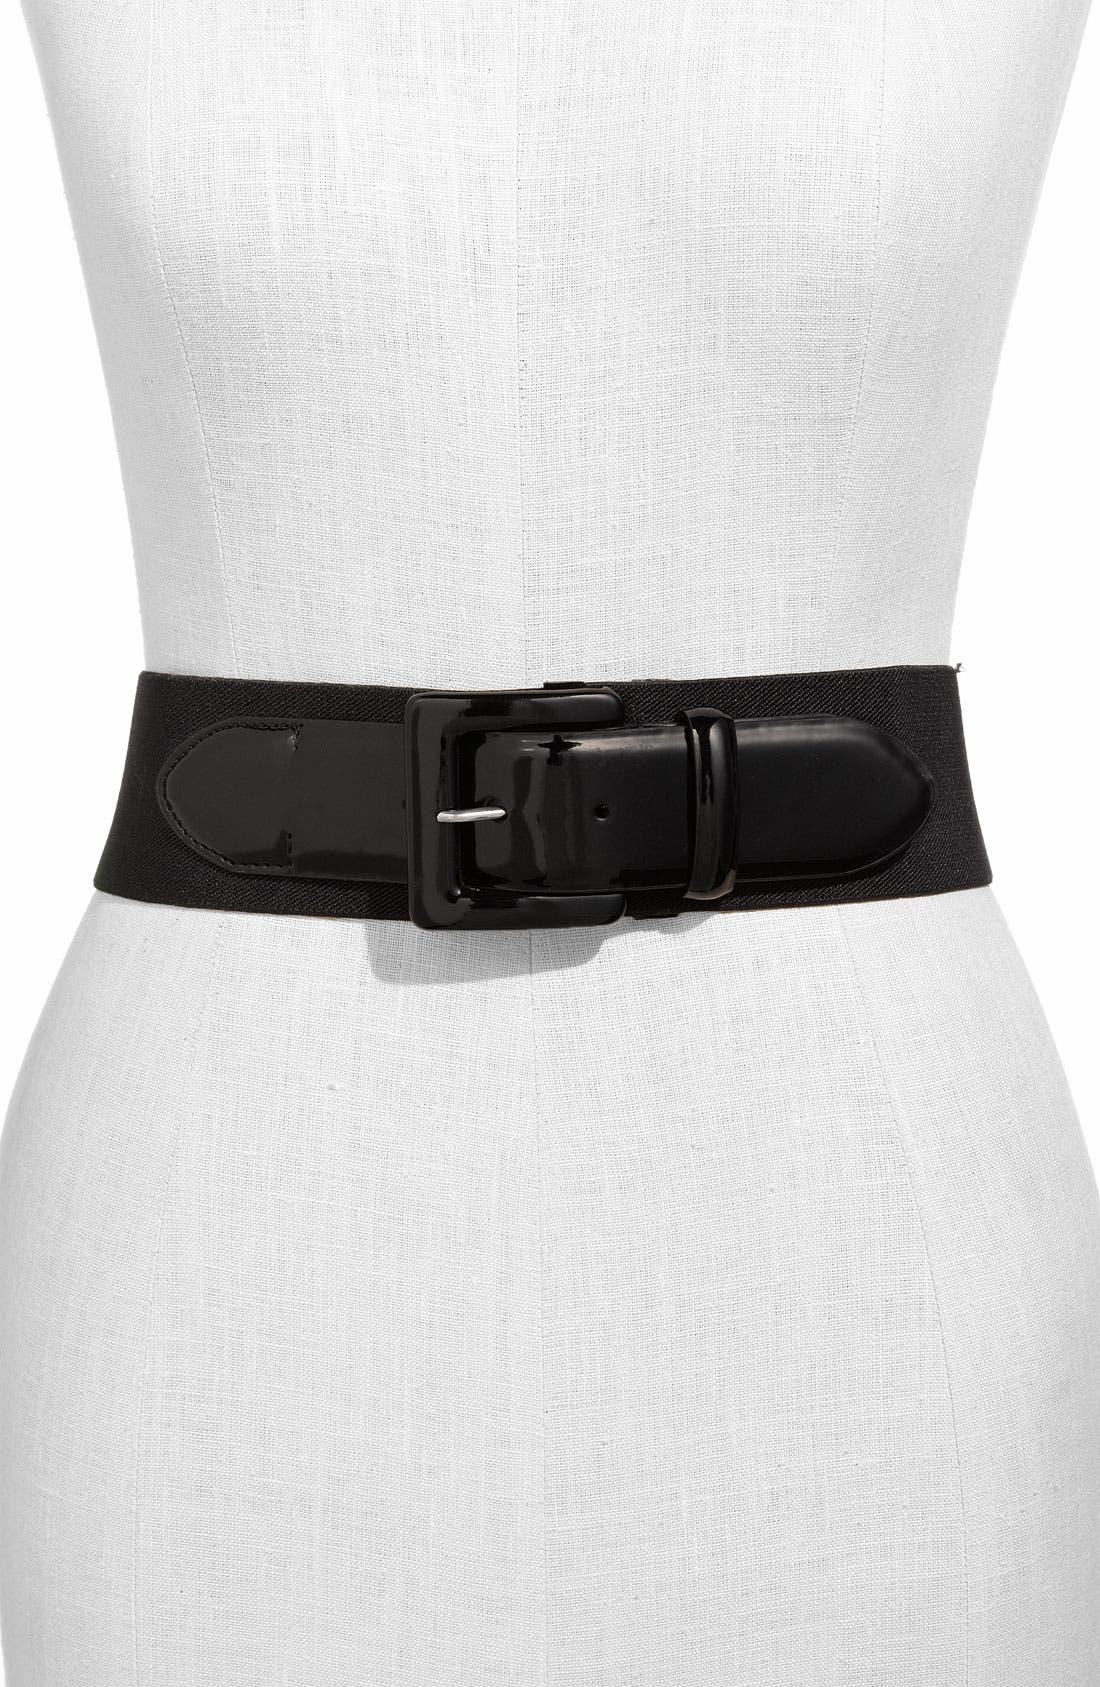 Alternate Image 1 Selected - Lauren Ralph Lauren Stretch Belt